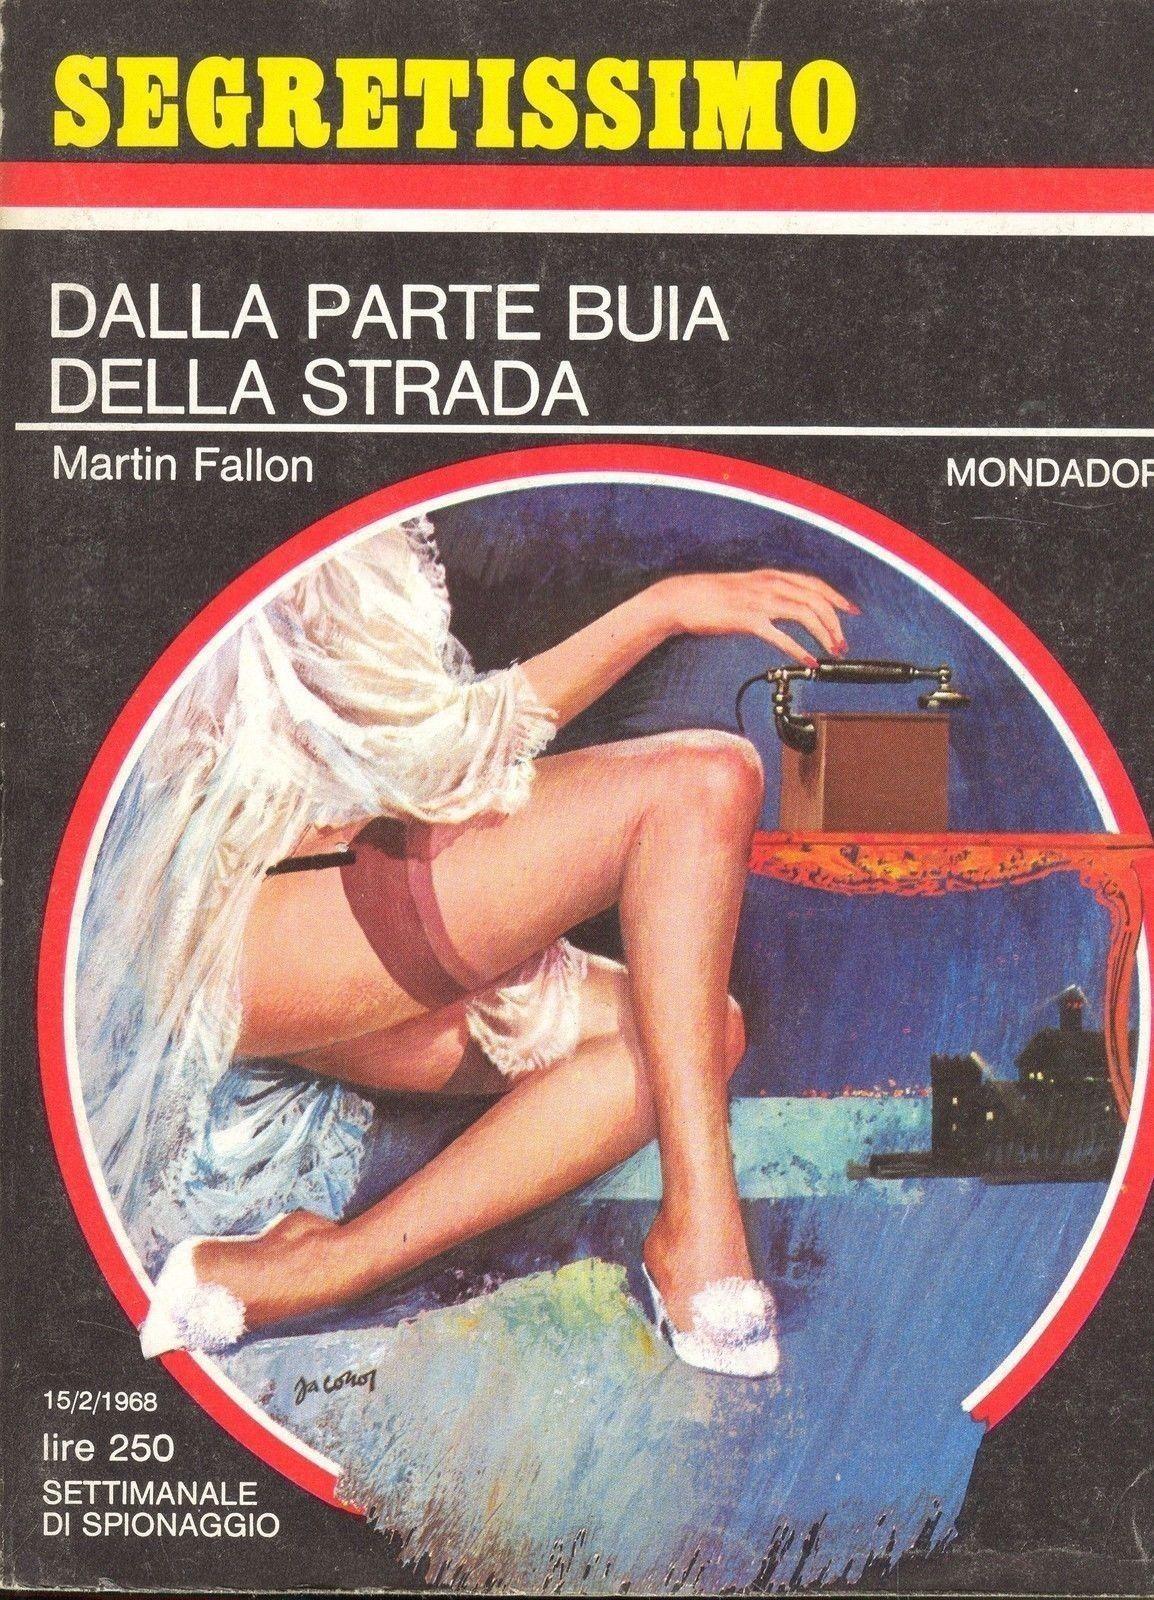 DALLA PARTE BUIA DELLA STRADA - MARTIN FALLON